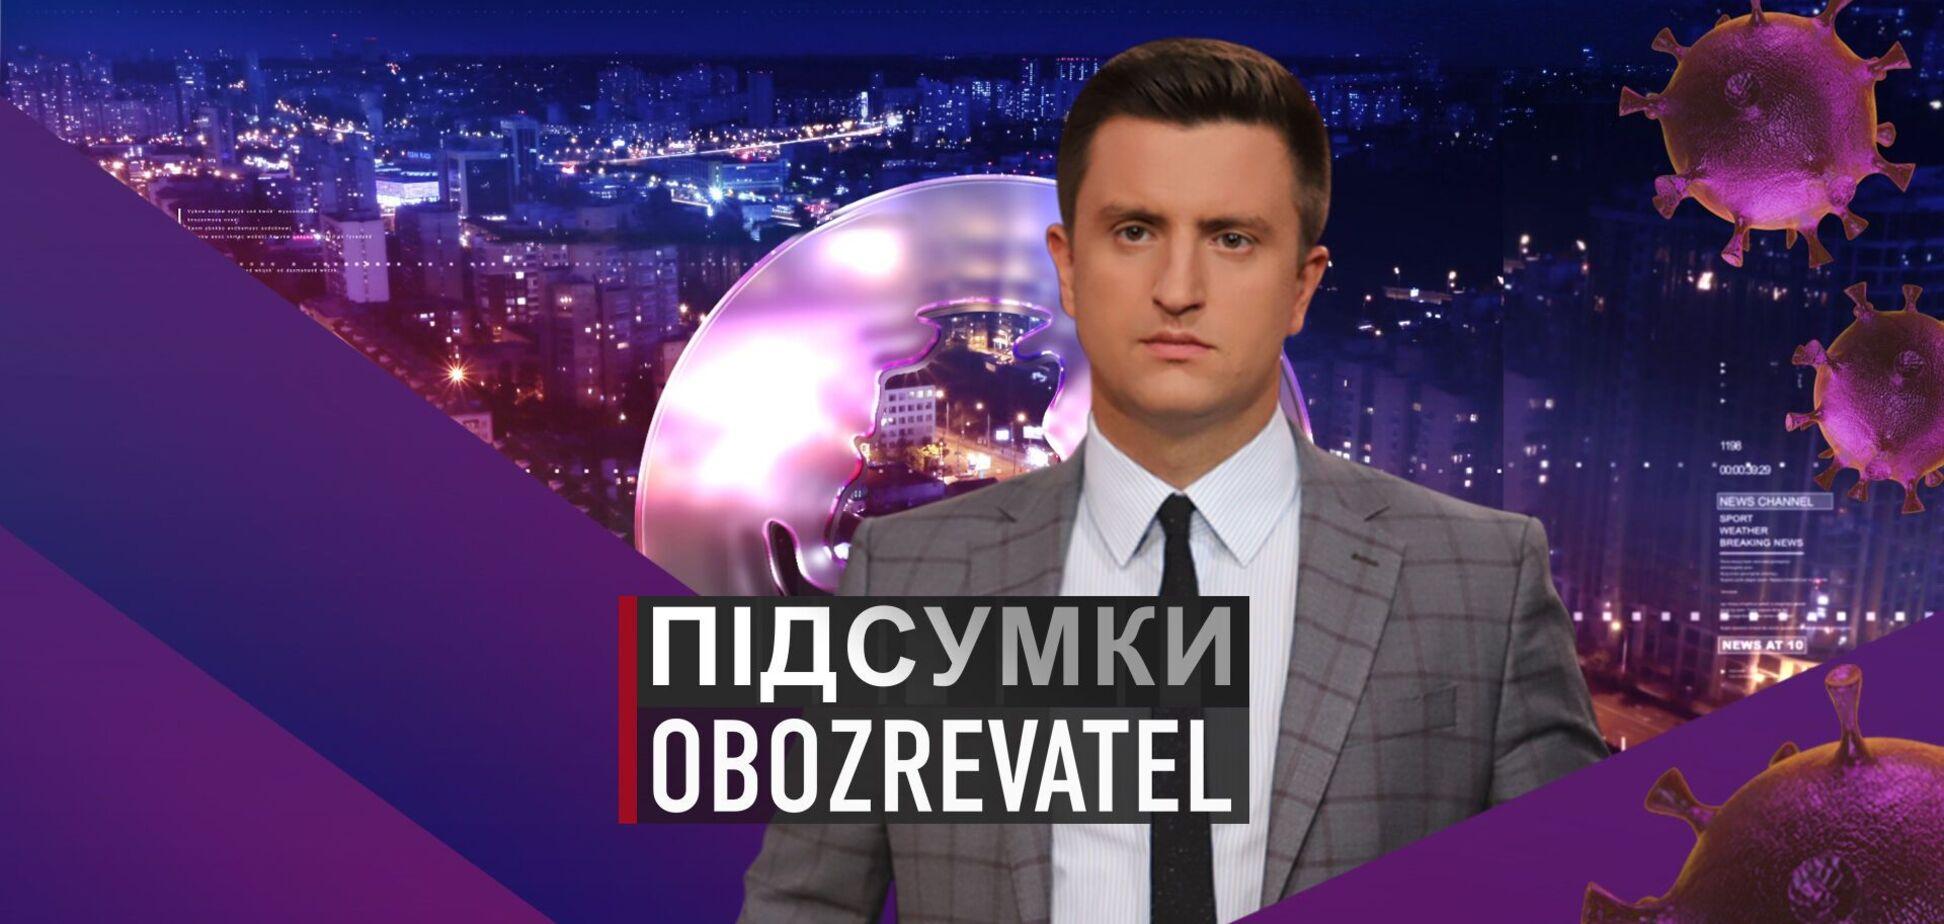 Підсумки с Вадимом Колодийчуком. Вторник, 27 апреля